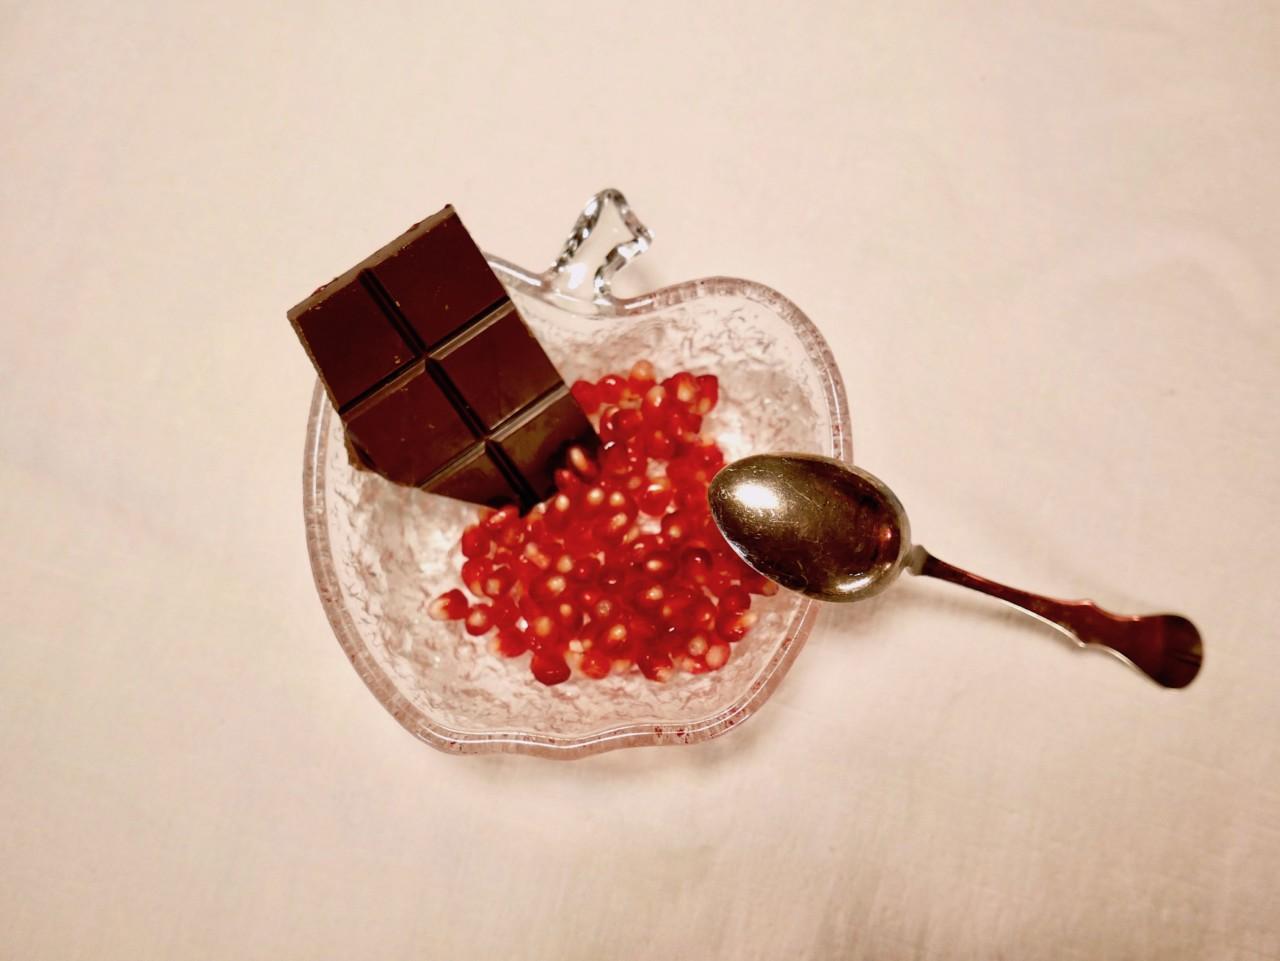 granateple-sjokolade-okologisk-vegansk-dessert-green-house